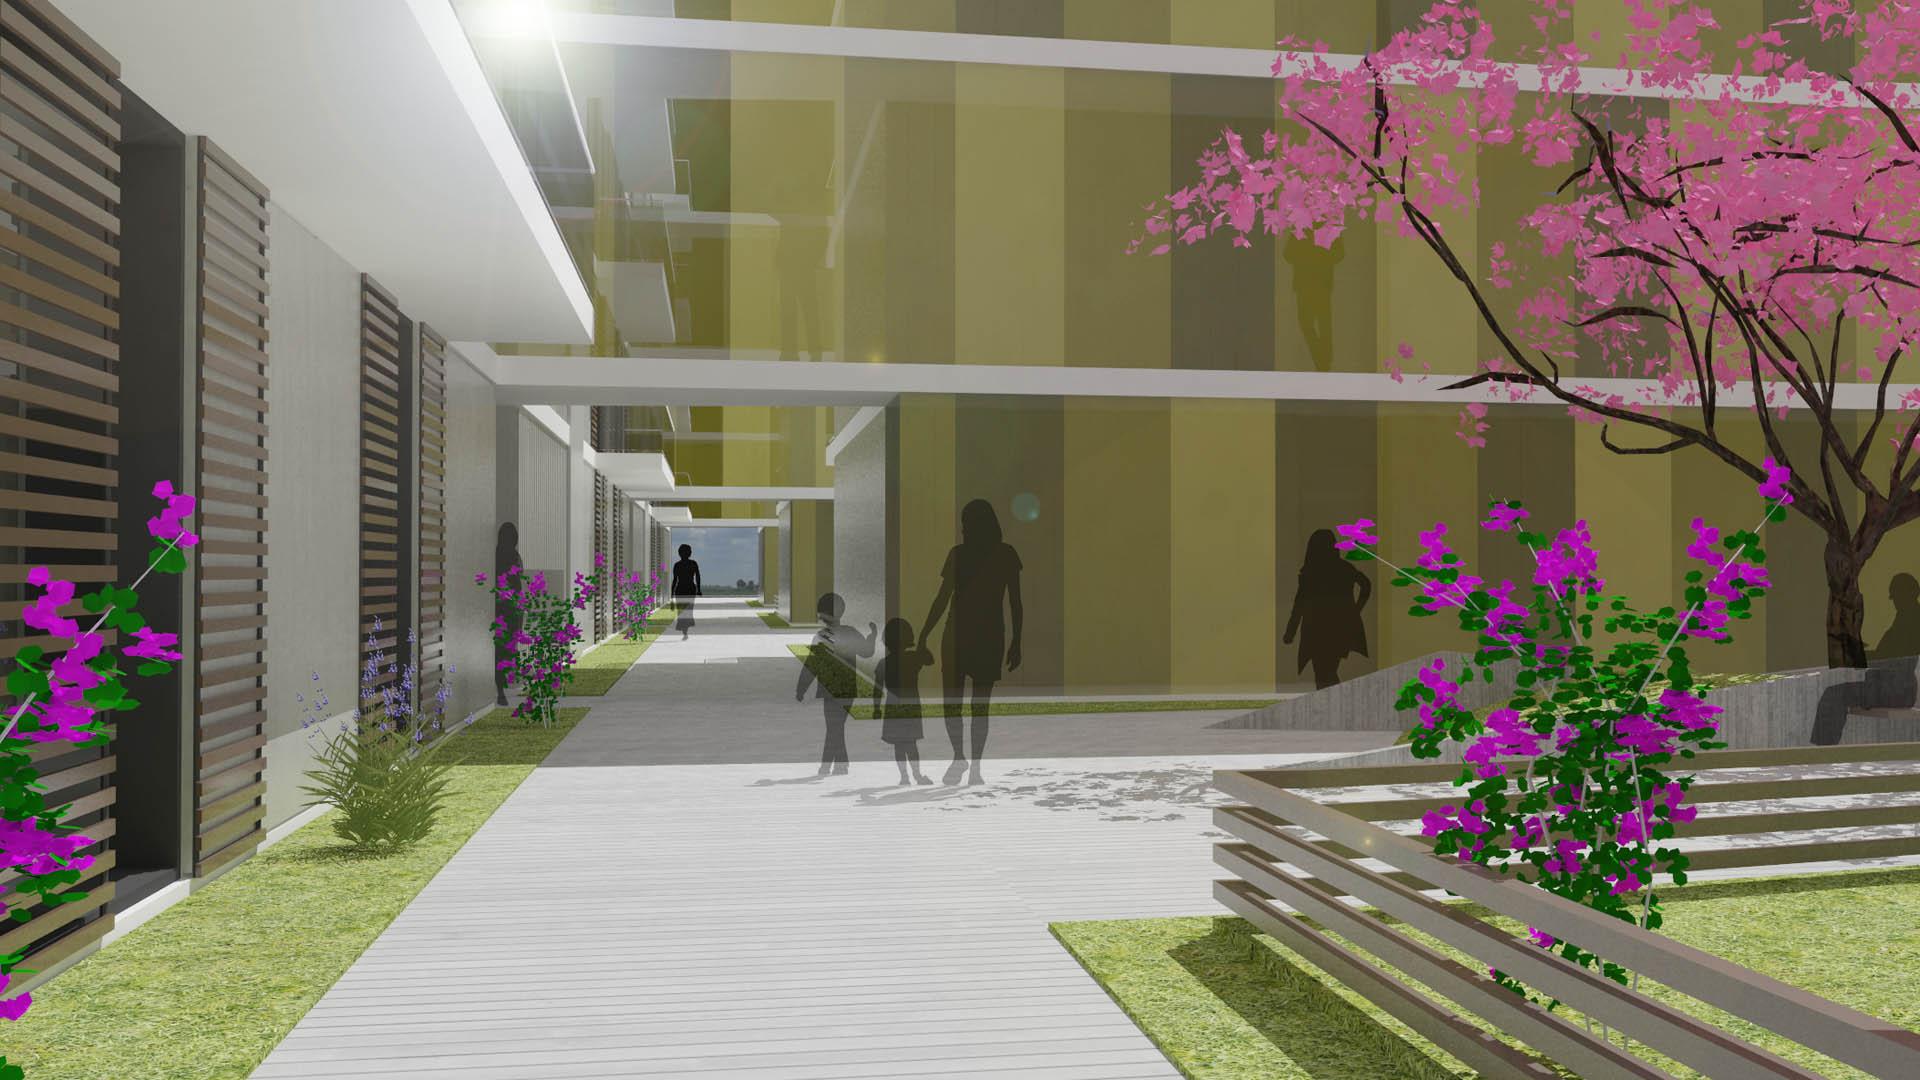 wohnhausanlage wettbewerb gänserndorf architektur